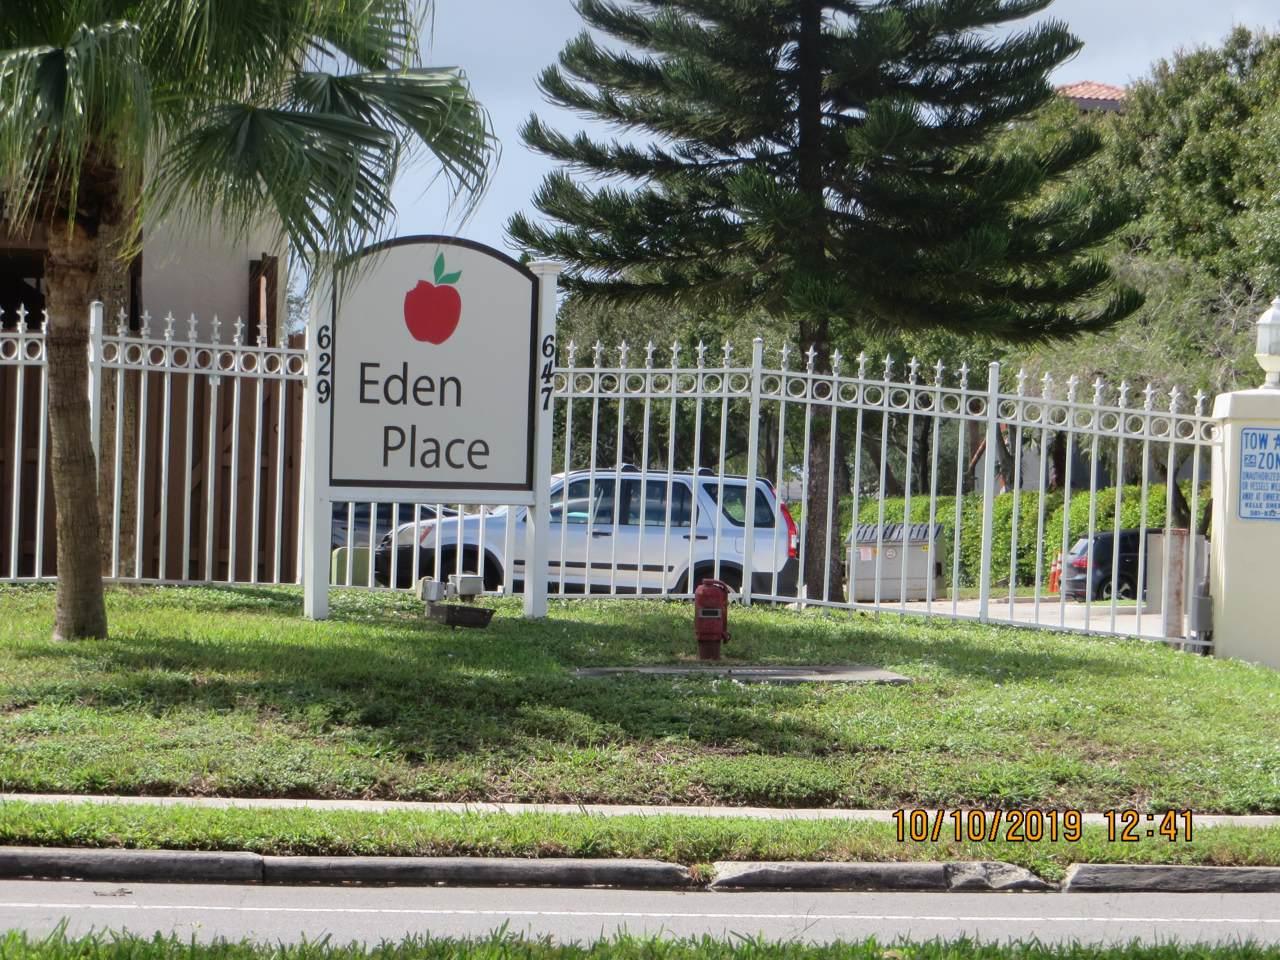 637 Executive Center Drive - Photo 1